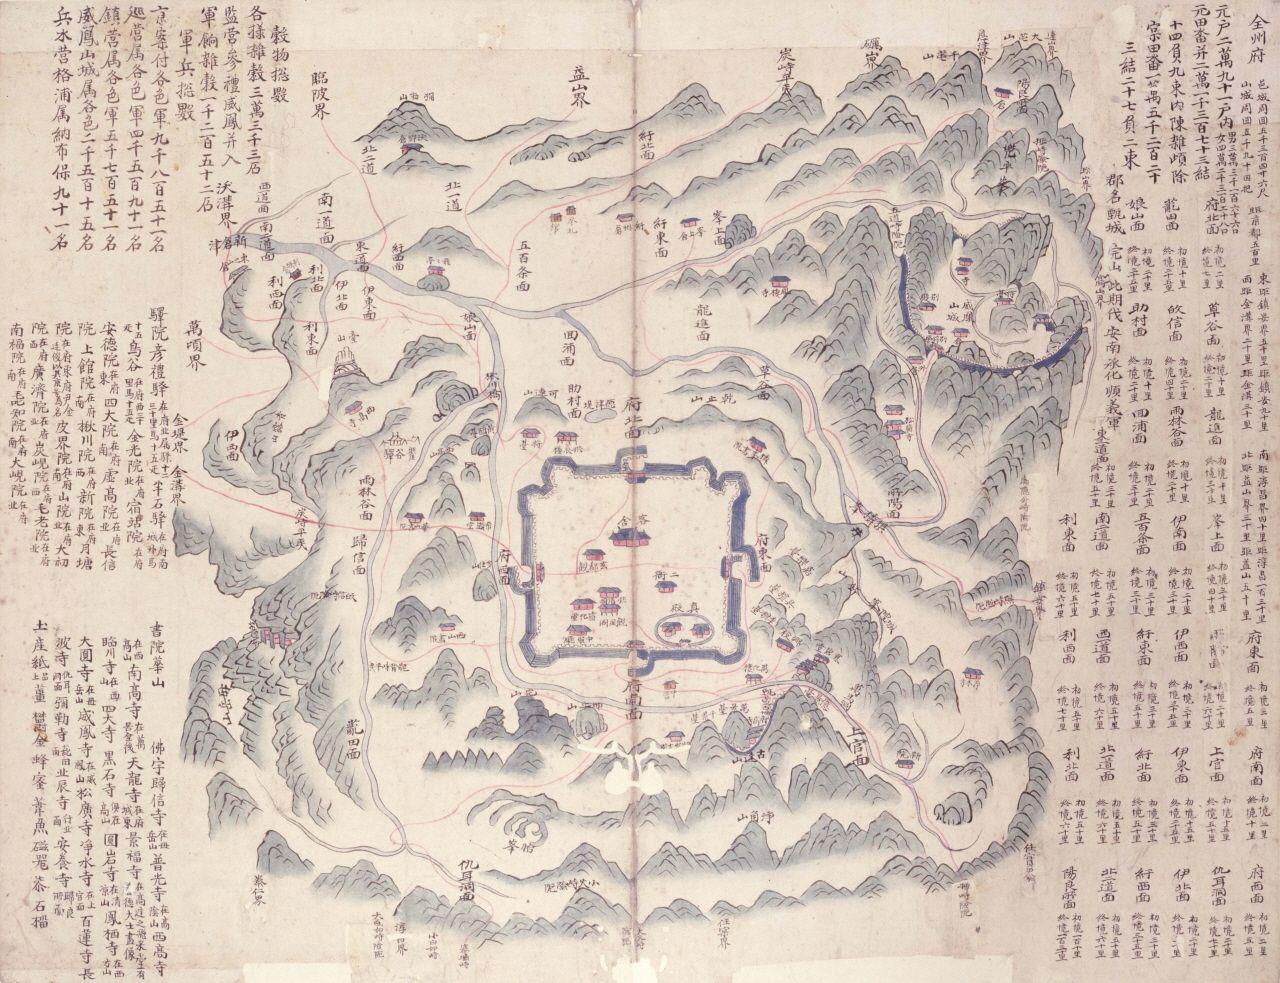 서울대학교 규장각 지리지 종합정보 해동지도고대 전주부 - Jeongju map